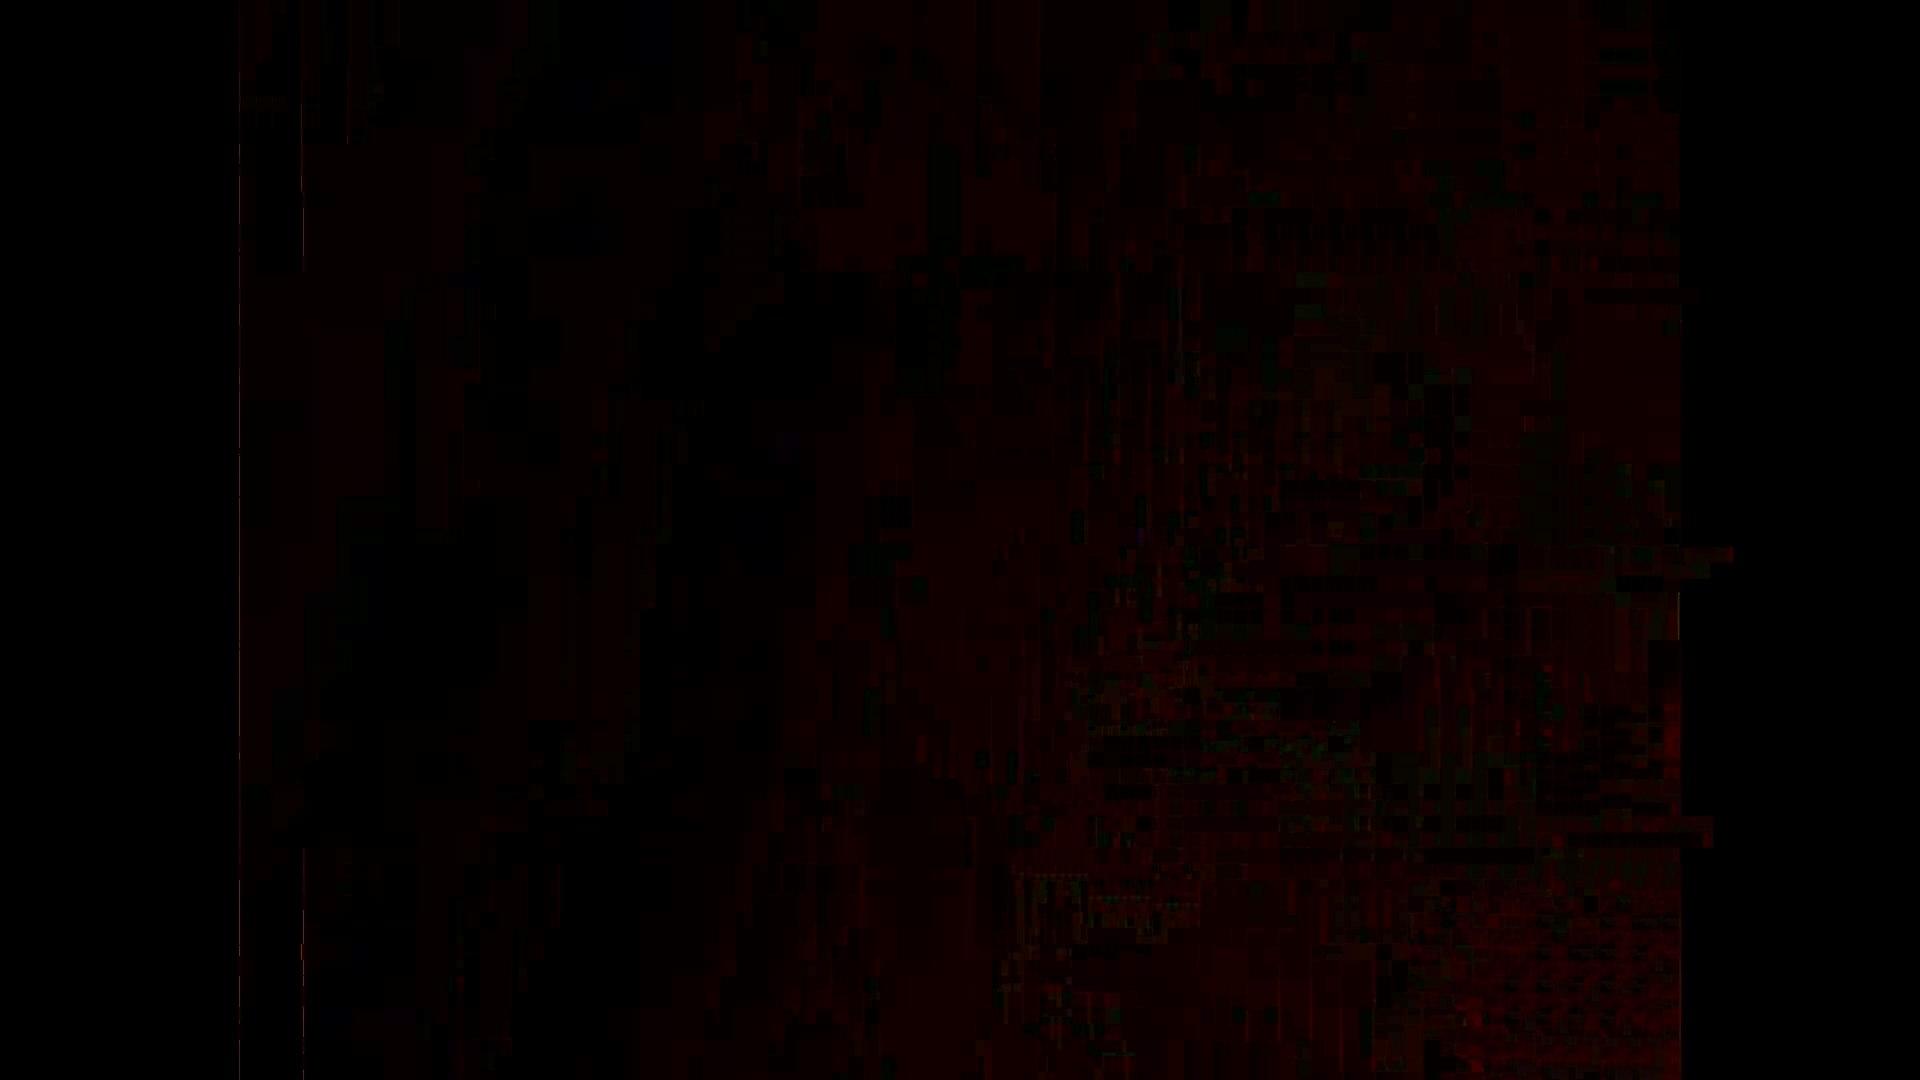 ラブライブ vol.05 オナニー 隠し撮りセックス画像 113PICs 80